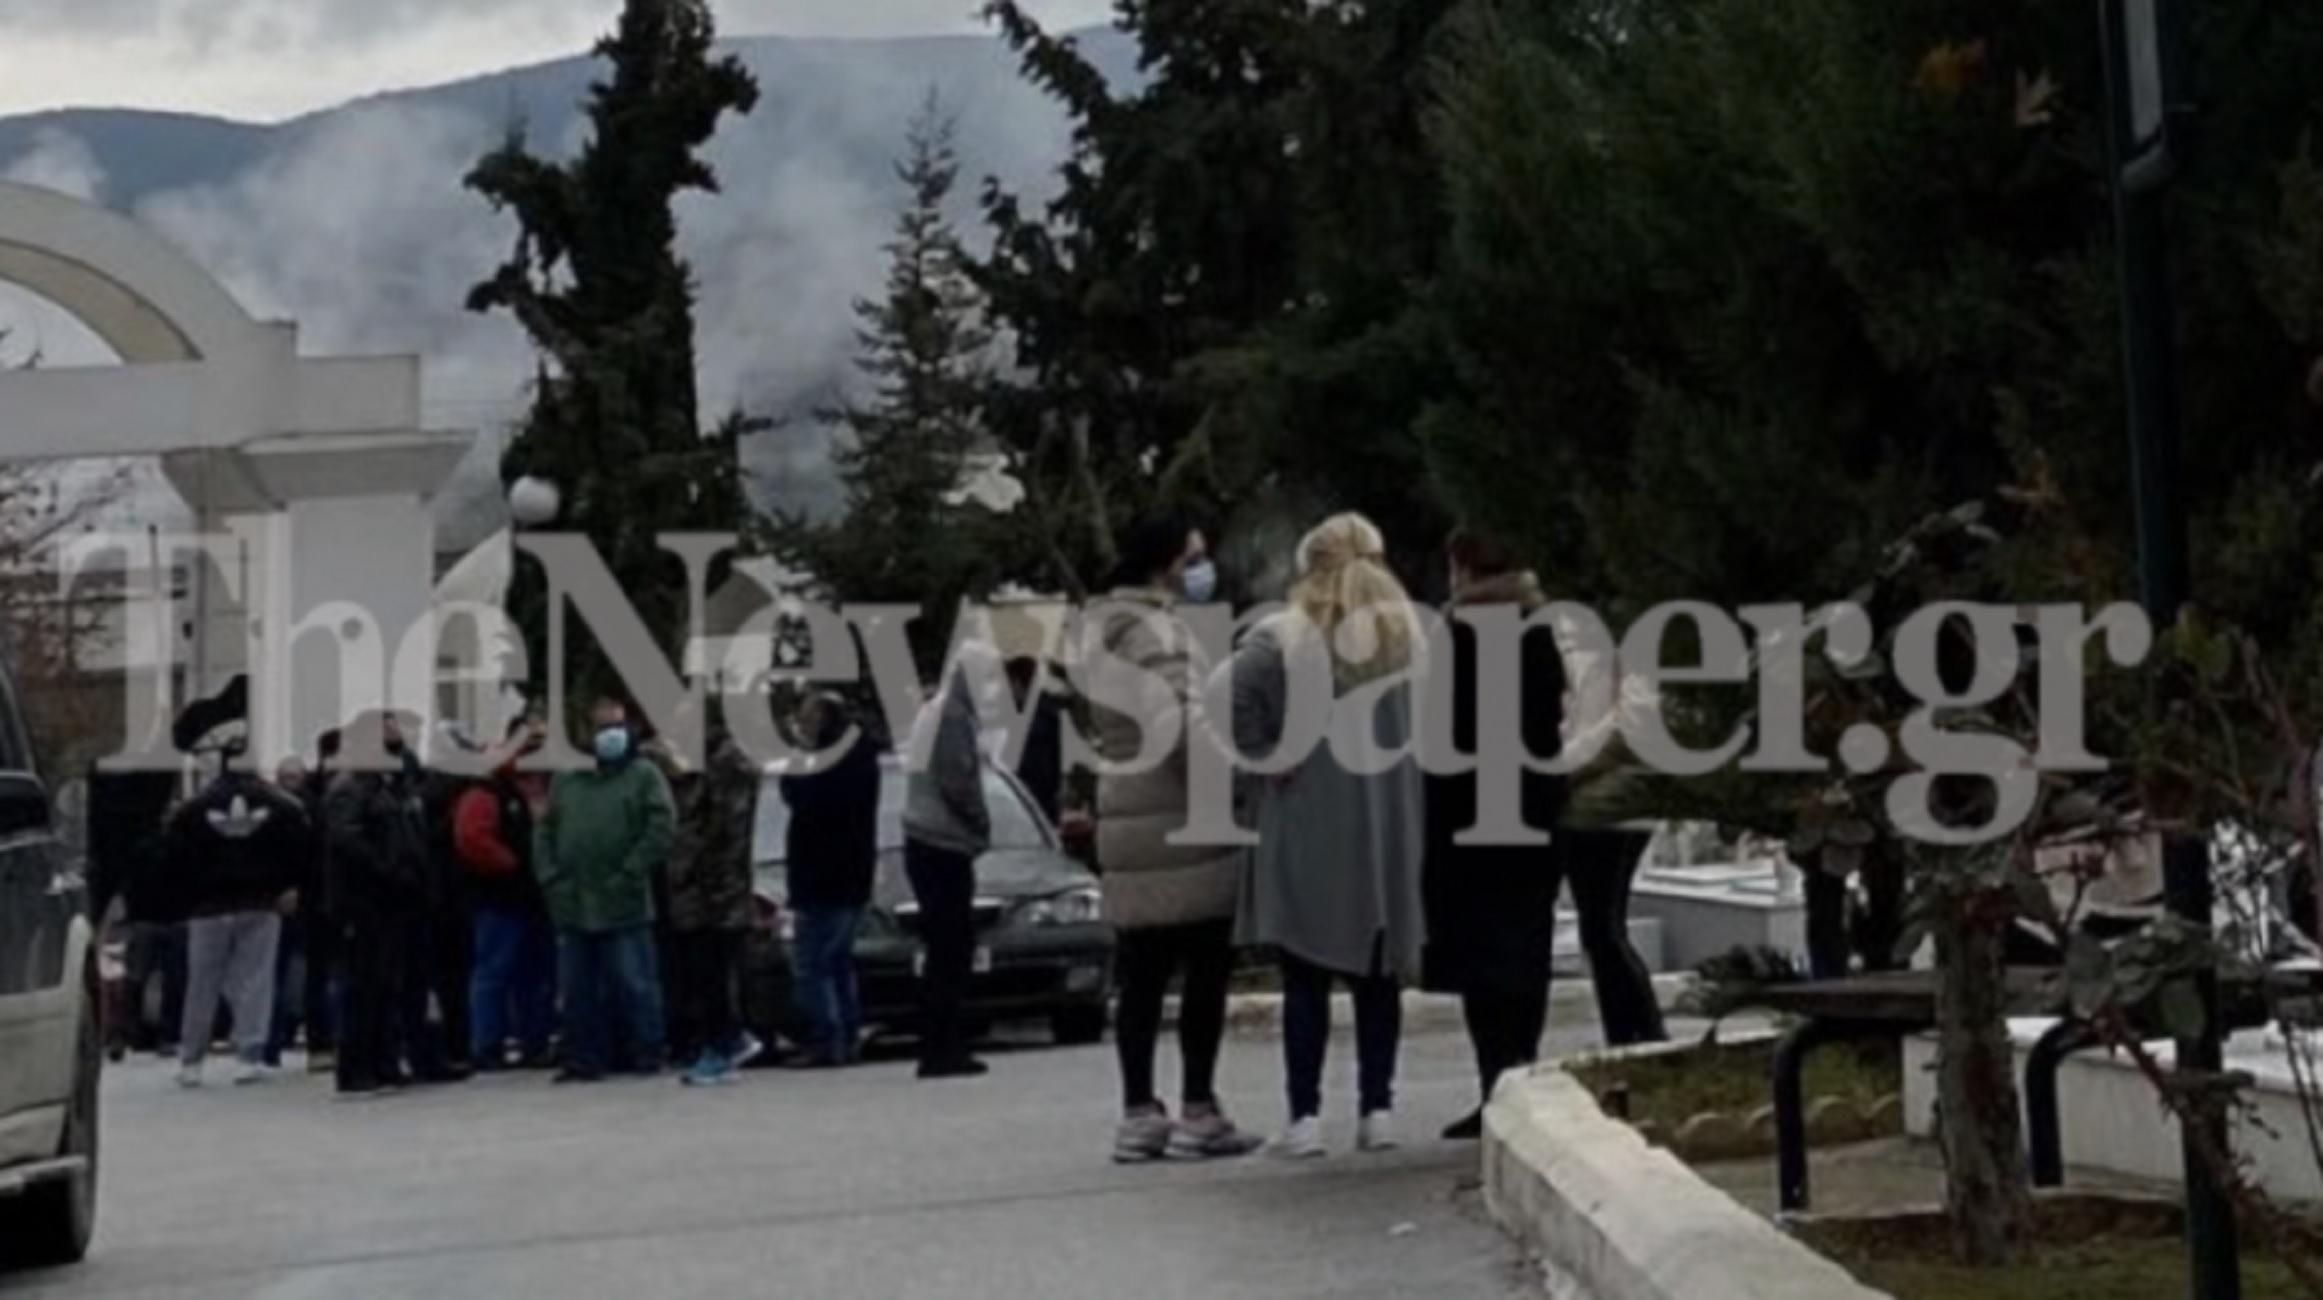 Βόλος: Απίστευτες εικόνες συνωστισμού σε κηδεία 45χρονου που πέθανε από κορονοϊό